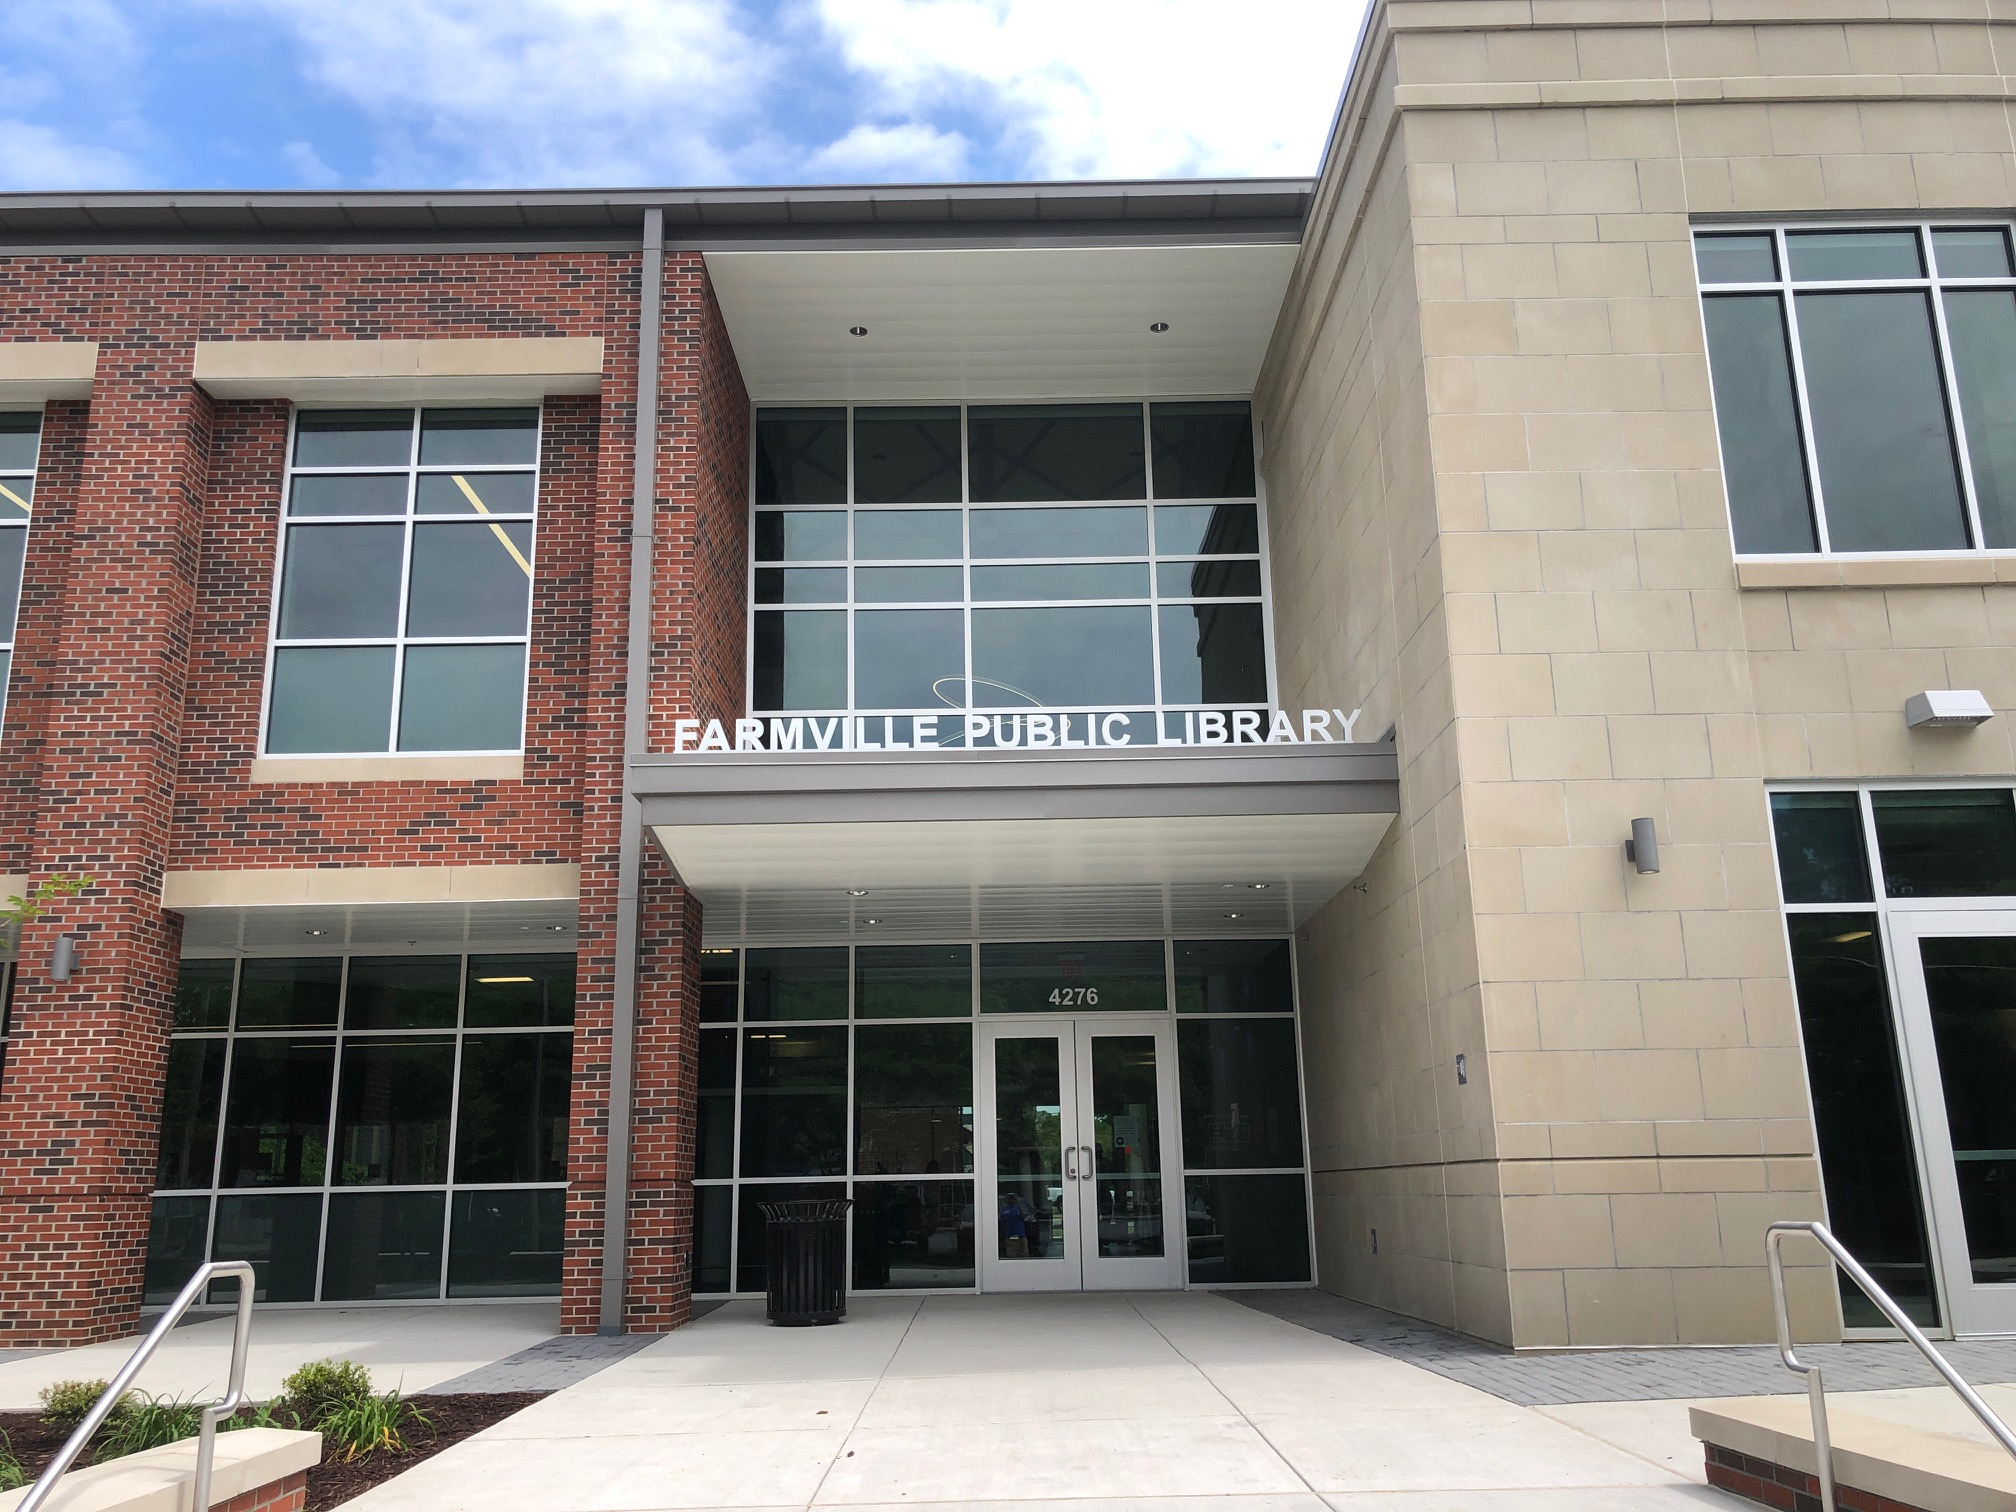 Brand New Farmville Public Library